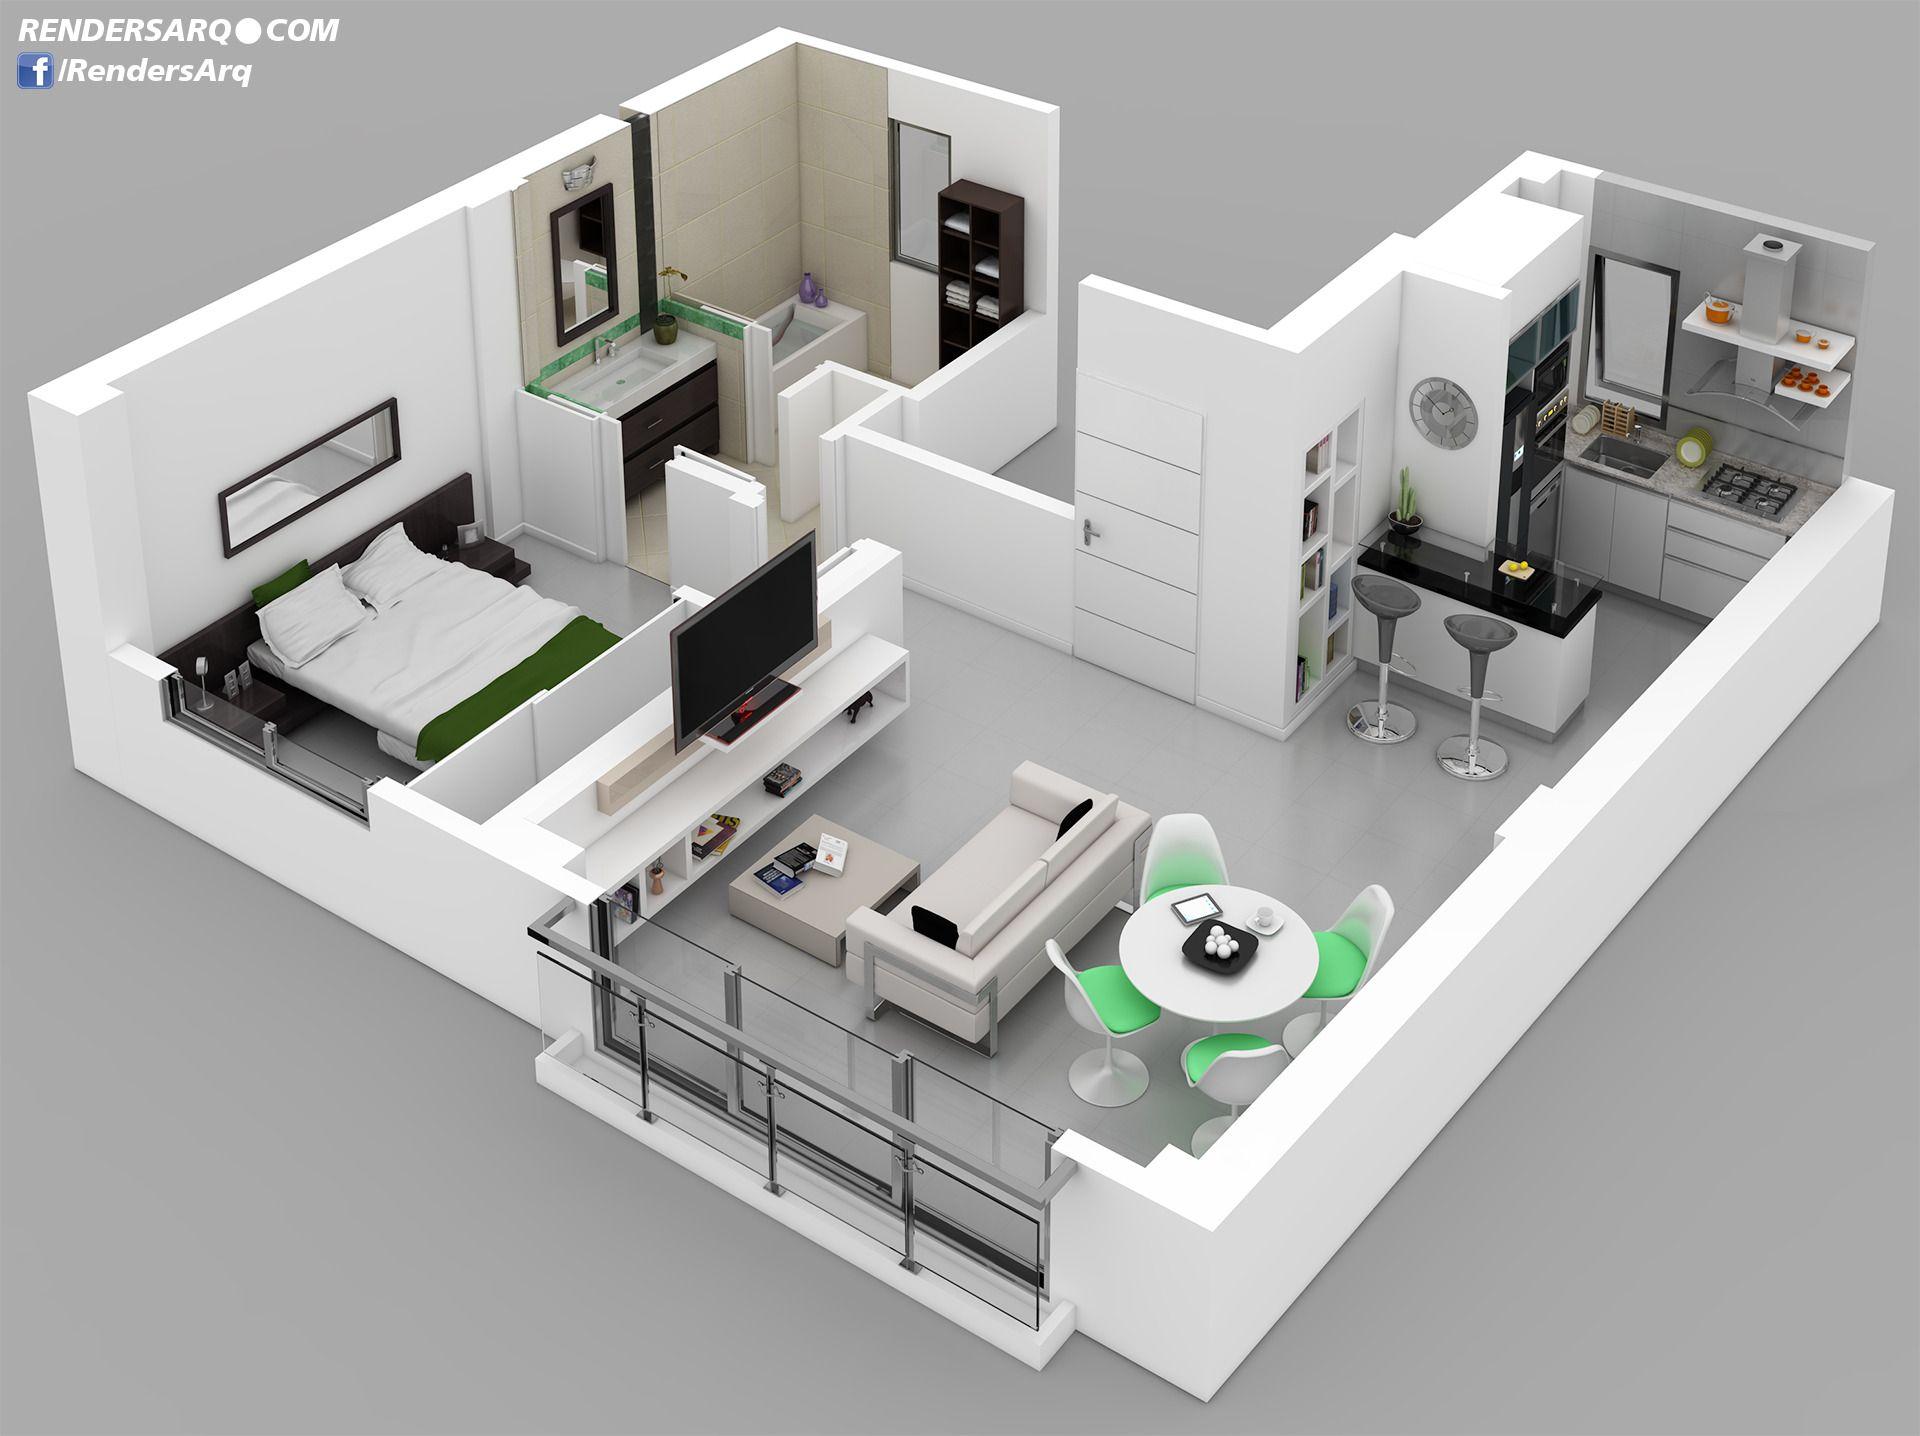 maquetas de casa modernas por dentro - Buscar con Google ...